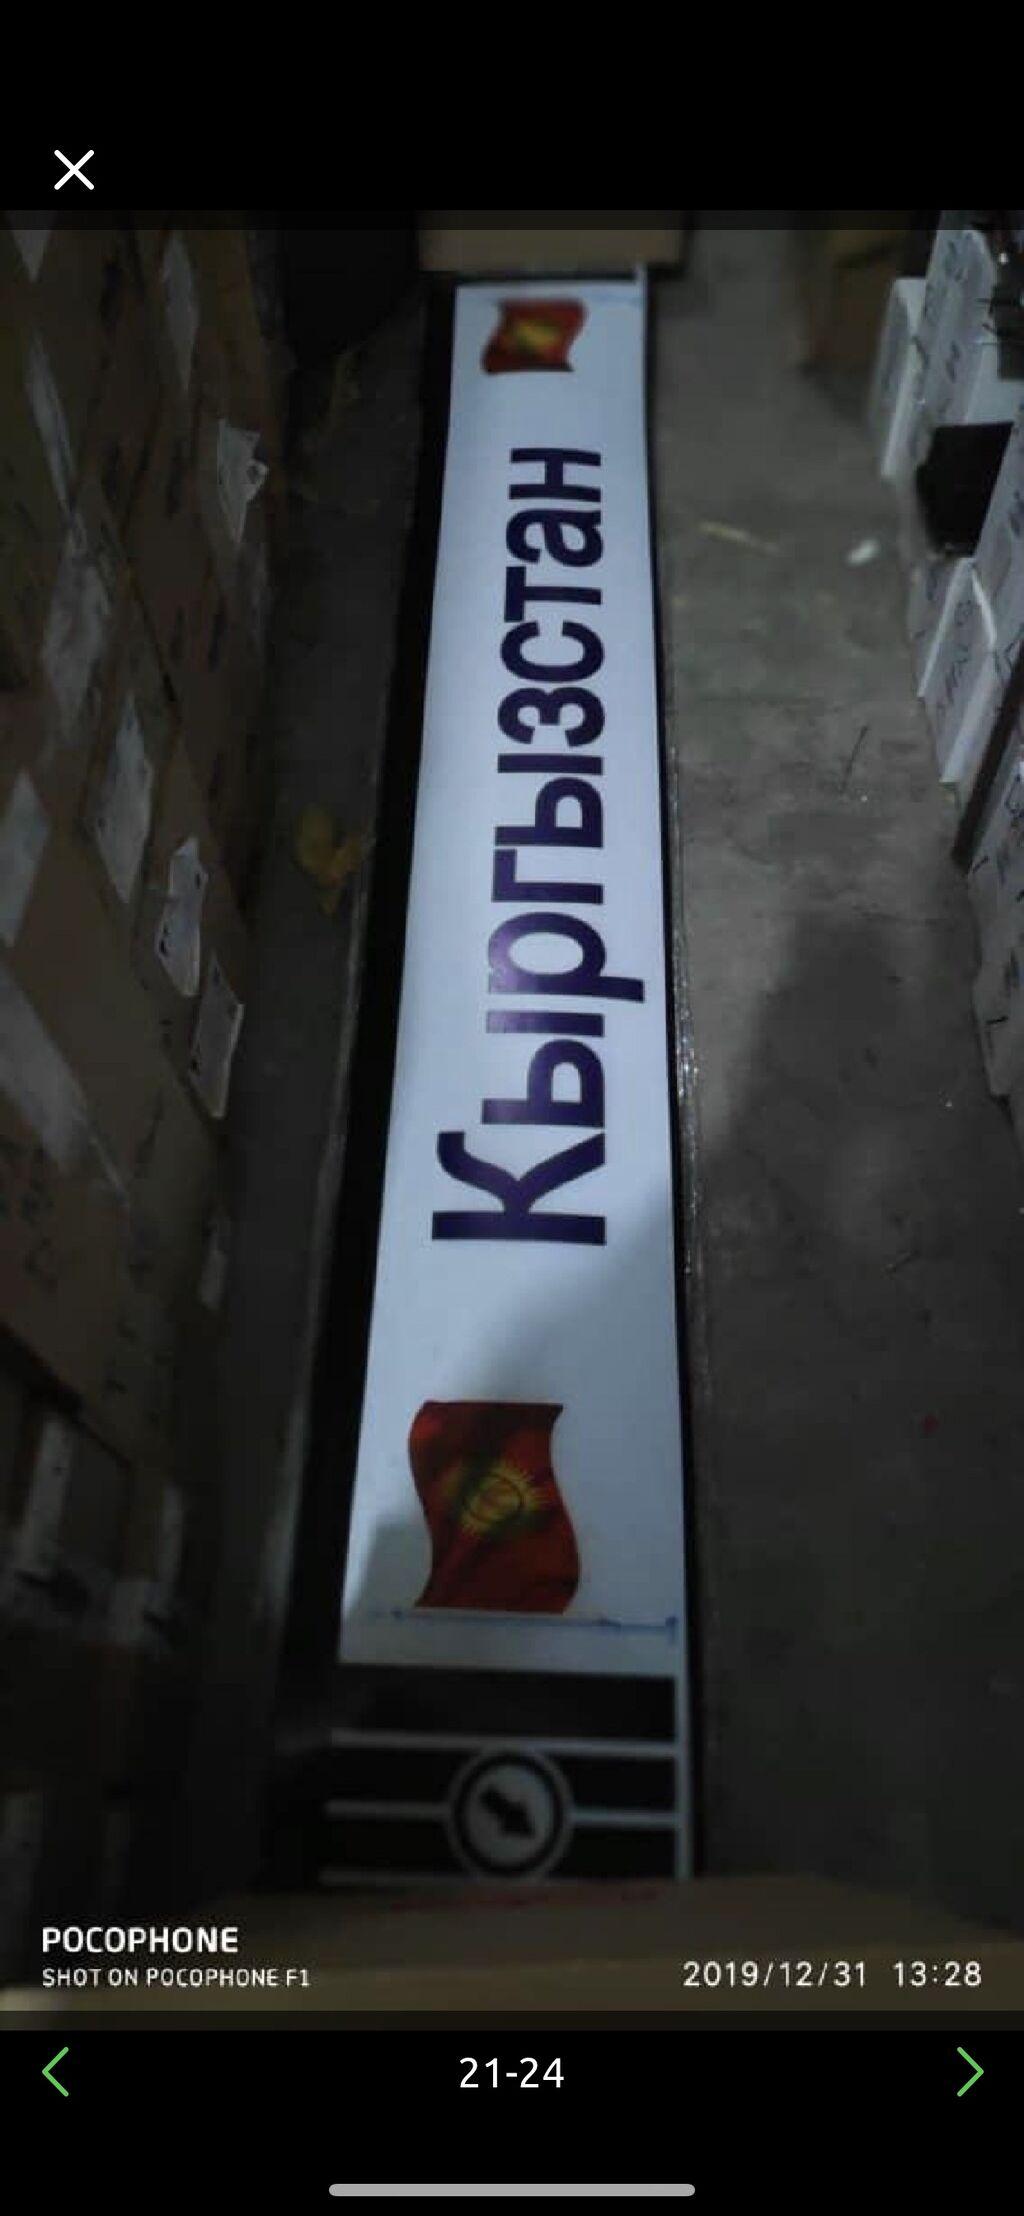 Брызговик кыргызстан длина 2метра 40см ширина 35 см ну Фуру, на прицеп: Брызговик кыргызстан длина 2метра 40см ширина 35 см ну Фуру, на прицеп